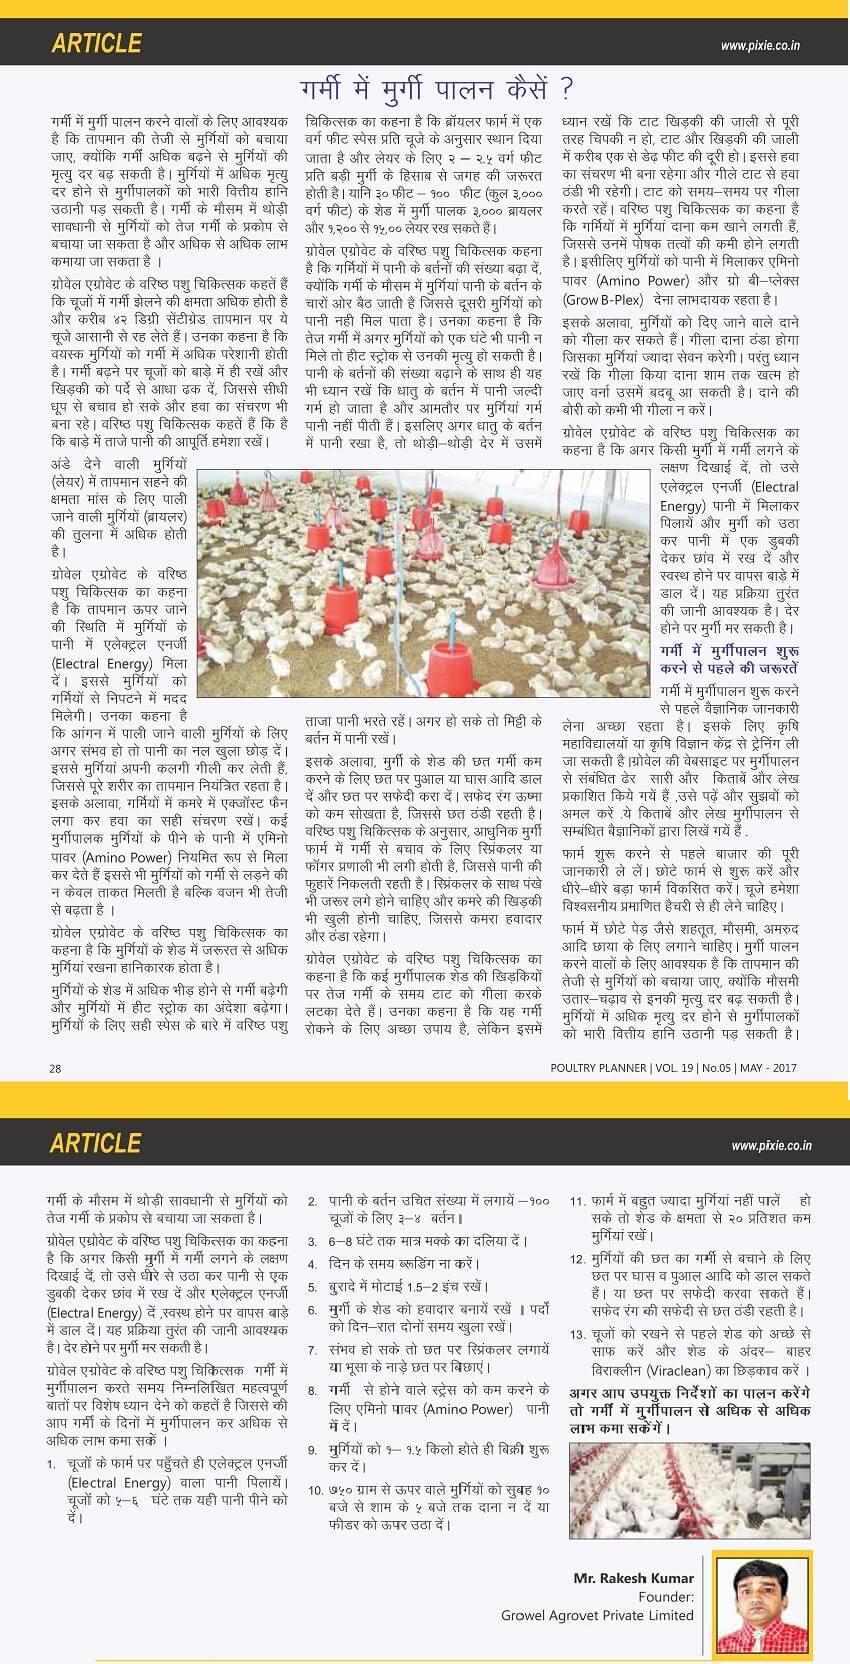 गर्मी में मुर्गीपालन कैसे